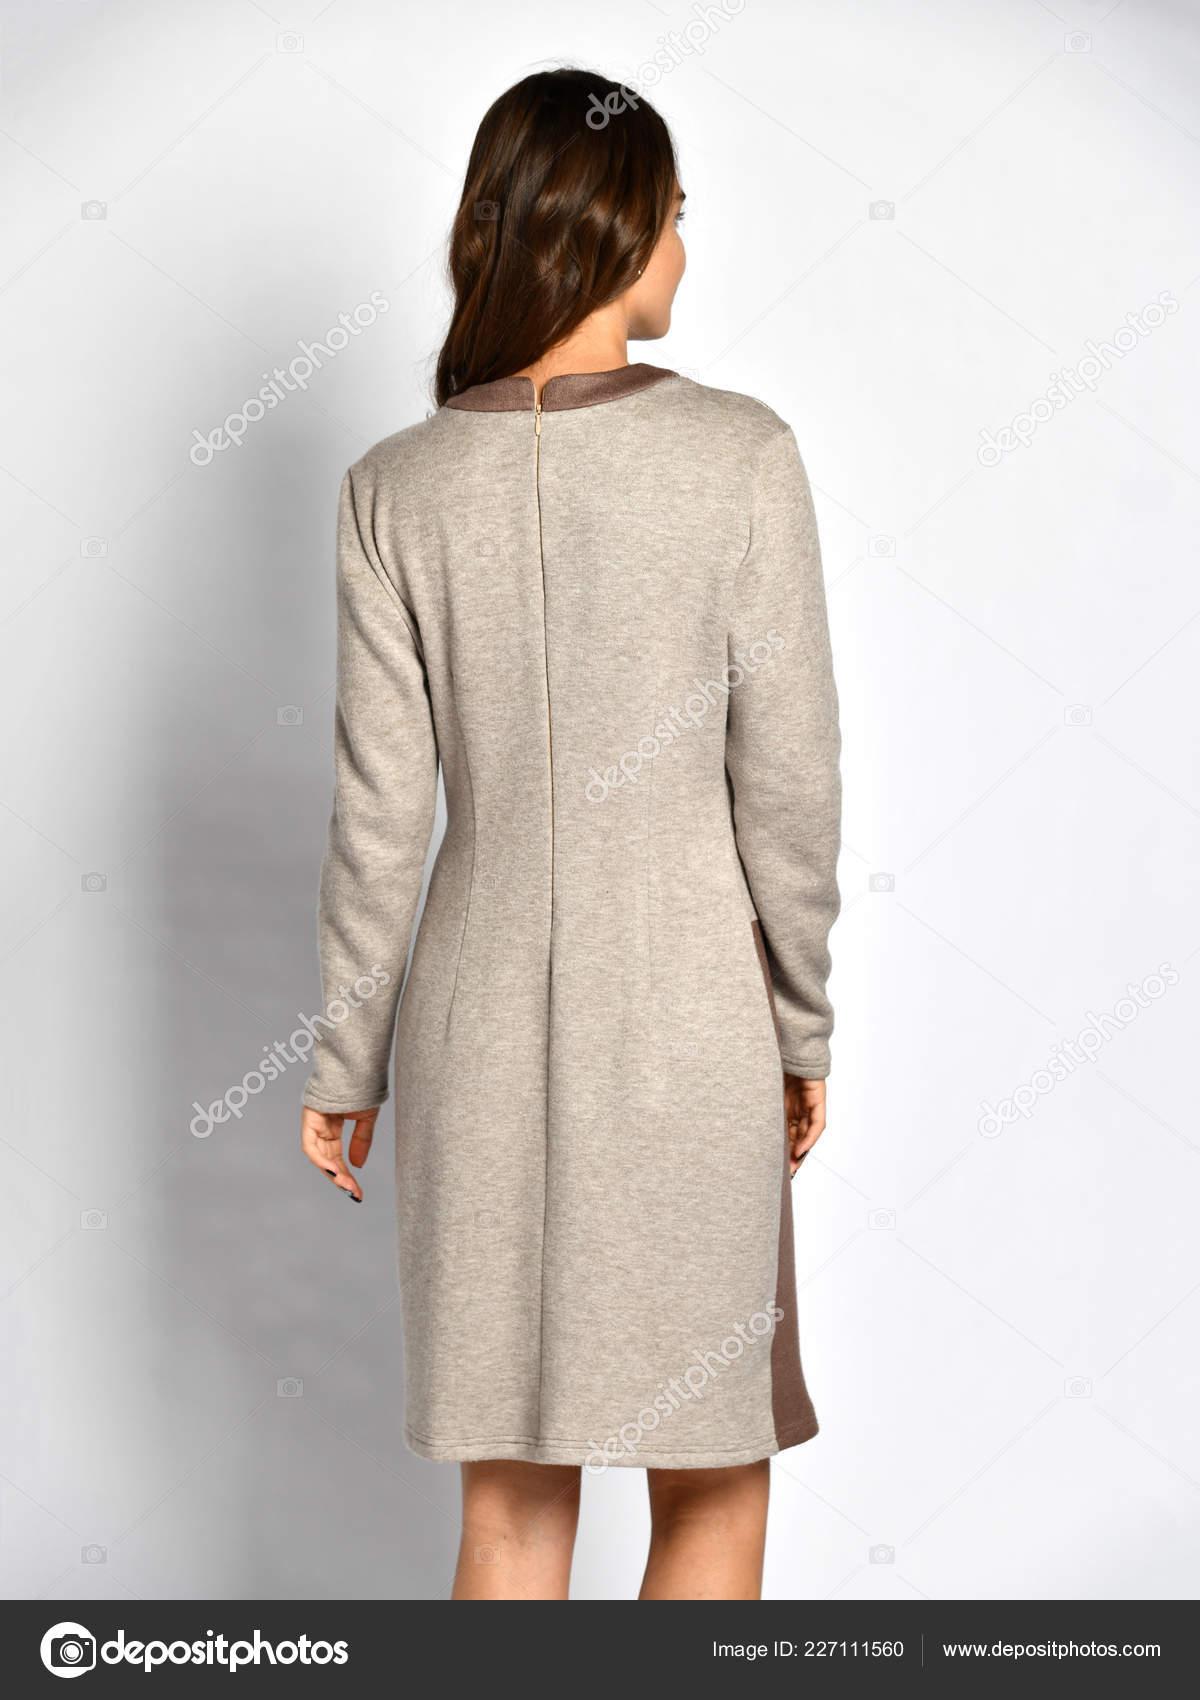 4c2a1d8ac1ddf9 Jonge mooie vrouw poseren in nieuwe grijze mode winter jurk achterkant  achteraanzicht — Stockfoto